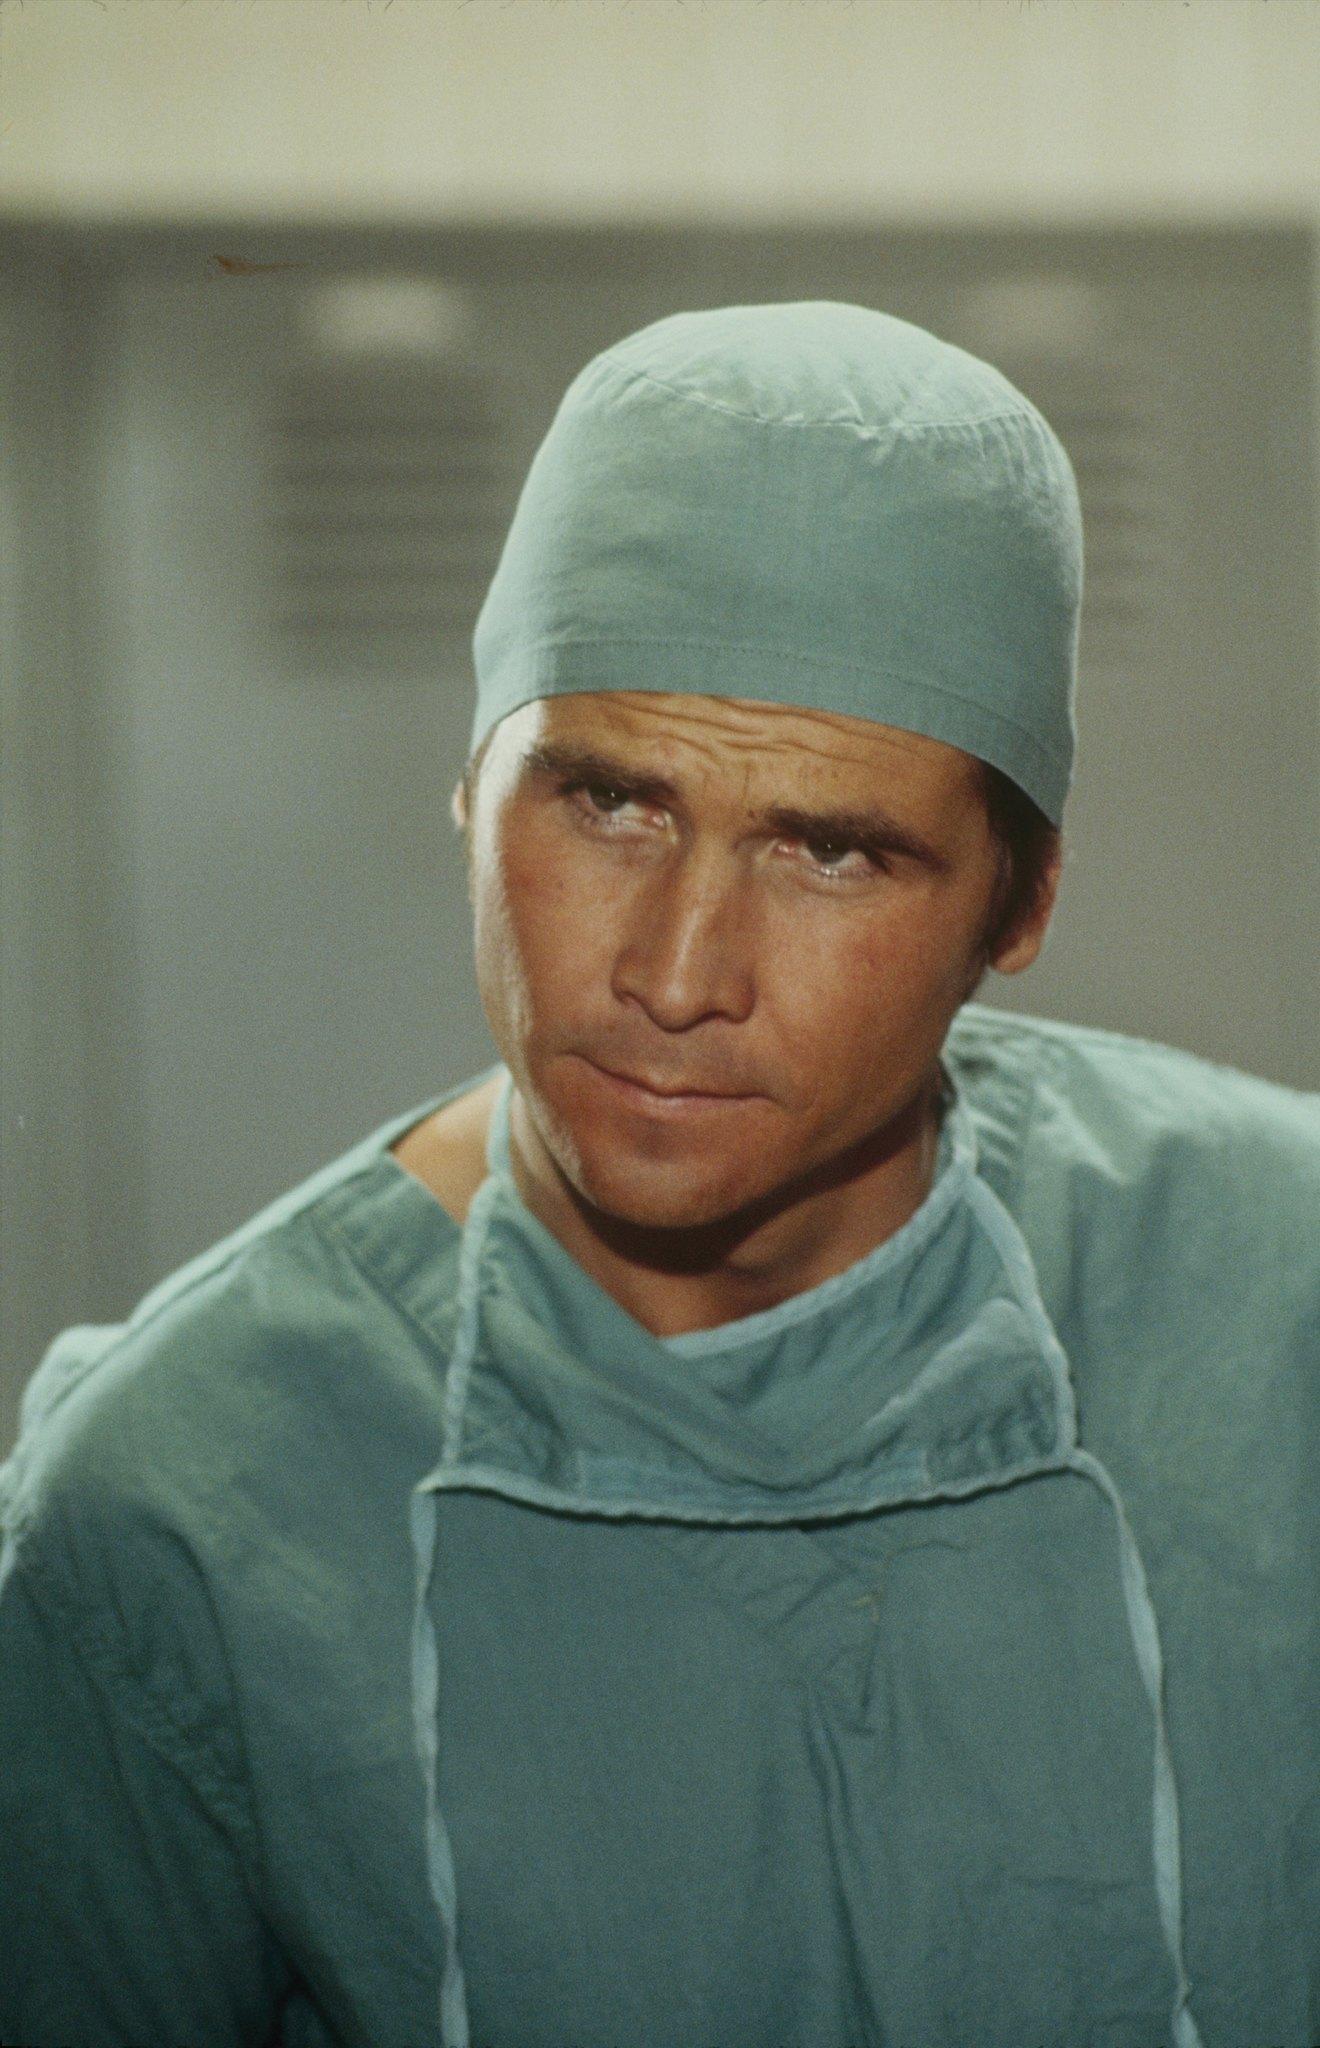 James Brolin in Marcus Welby, M.D. (1969)